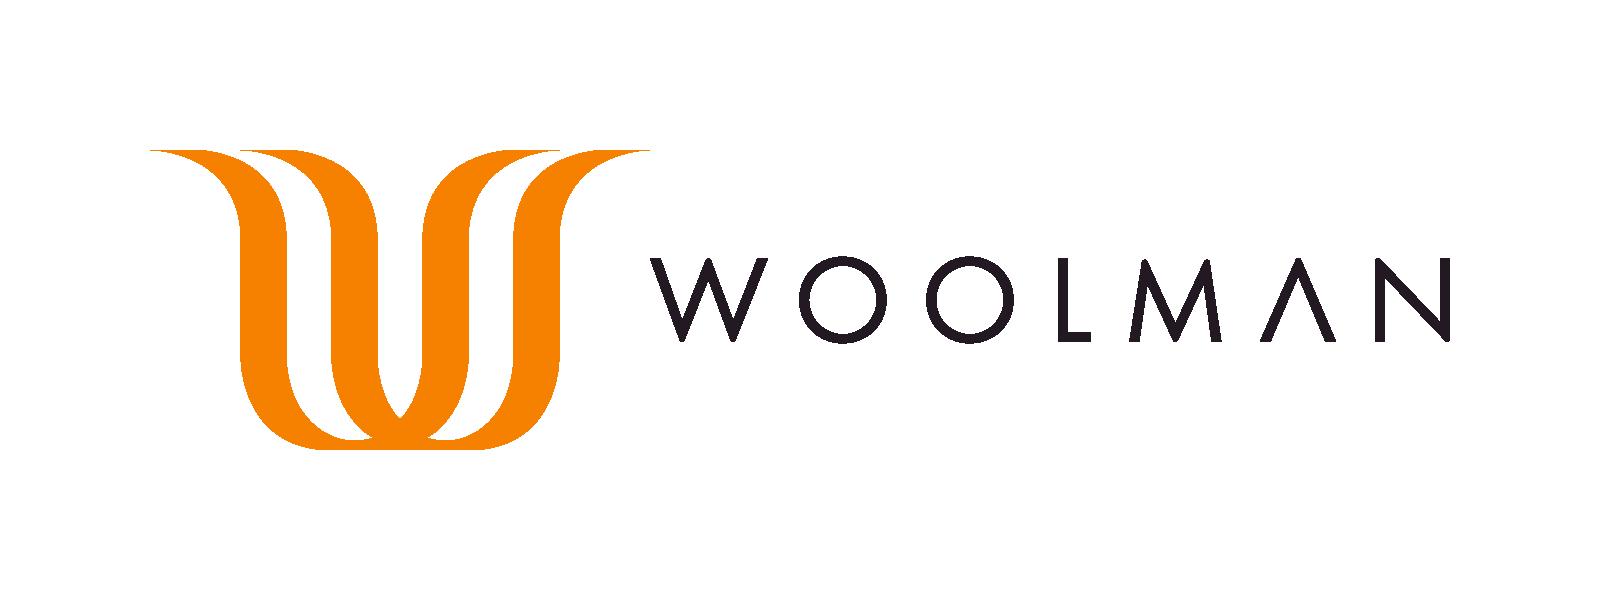 Woolman-logo-horizontal-orange-black-1